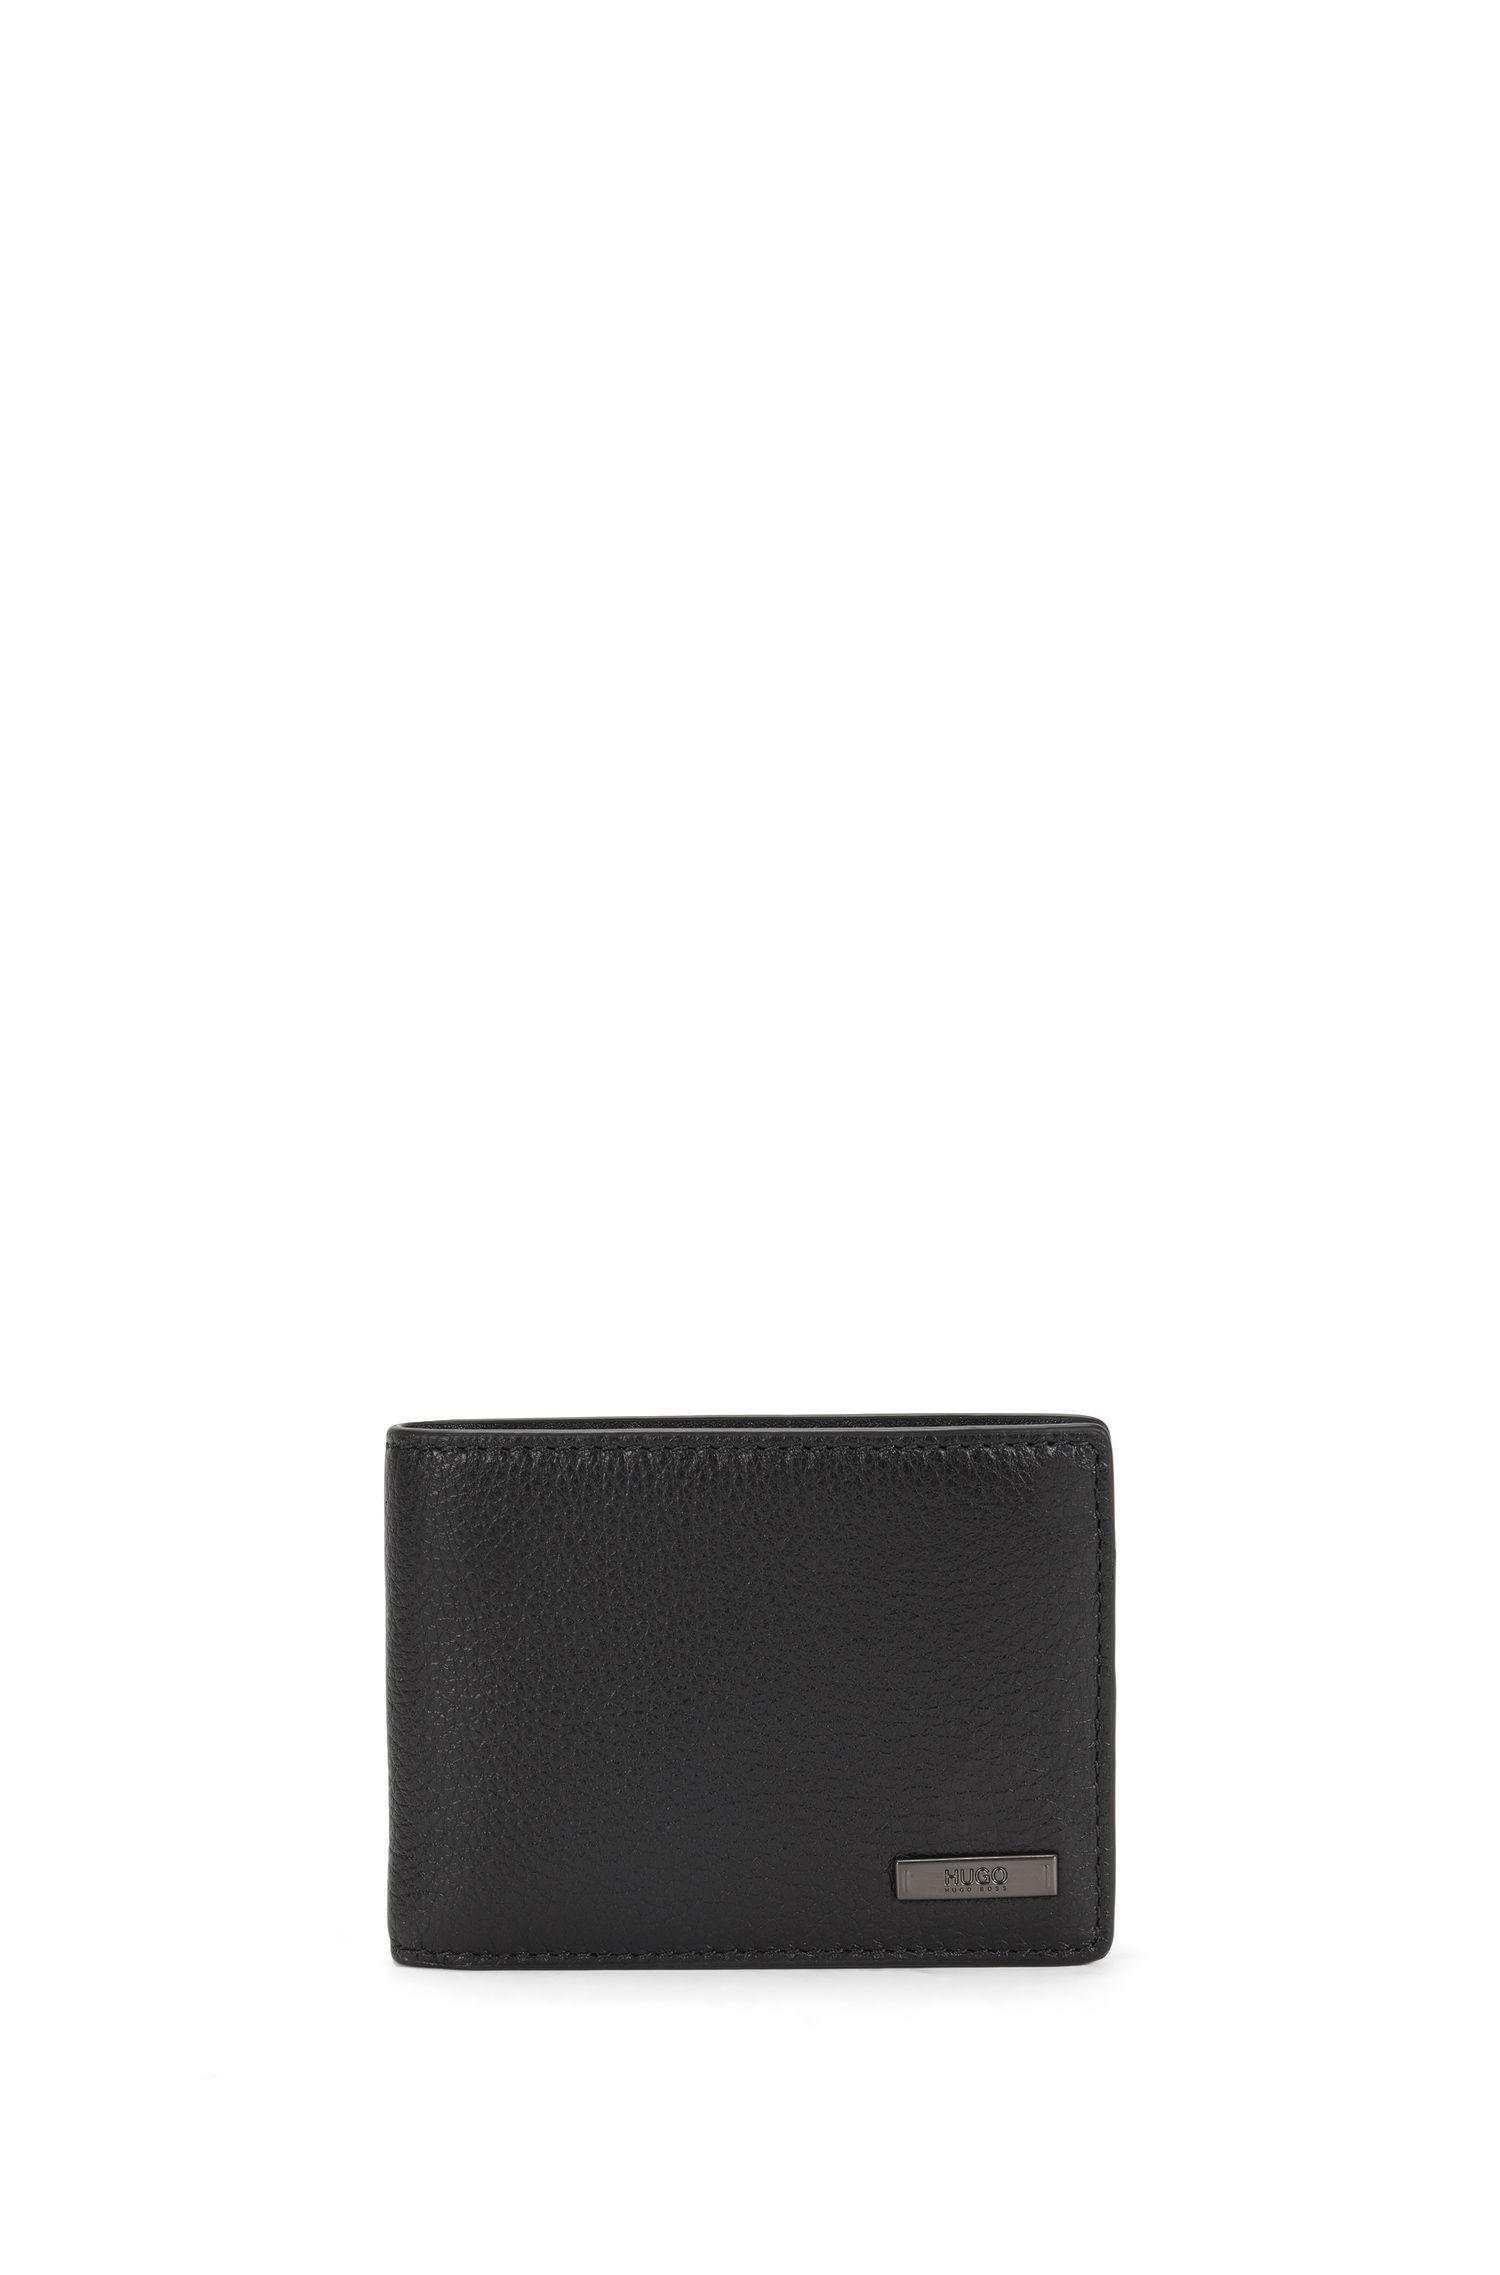 Klapp-Geldbörse aus edlem Leder